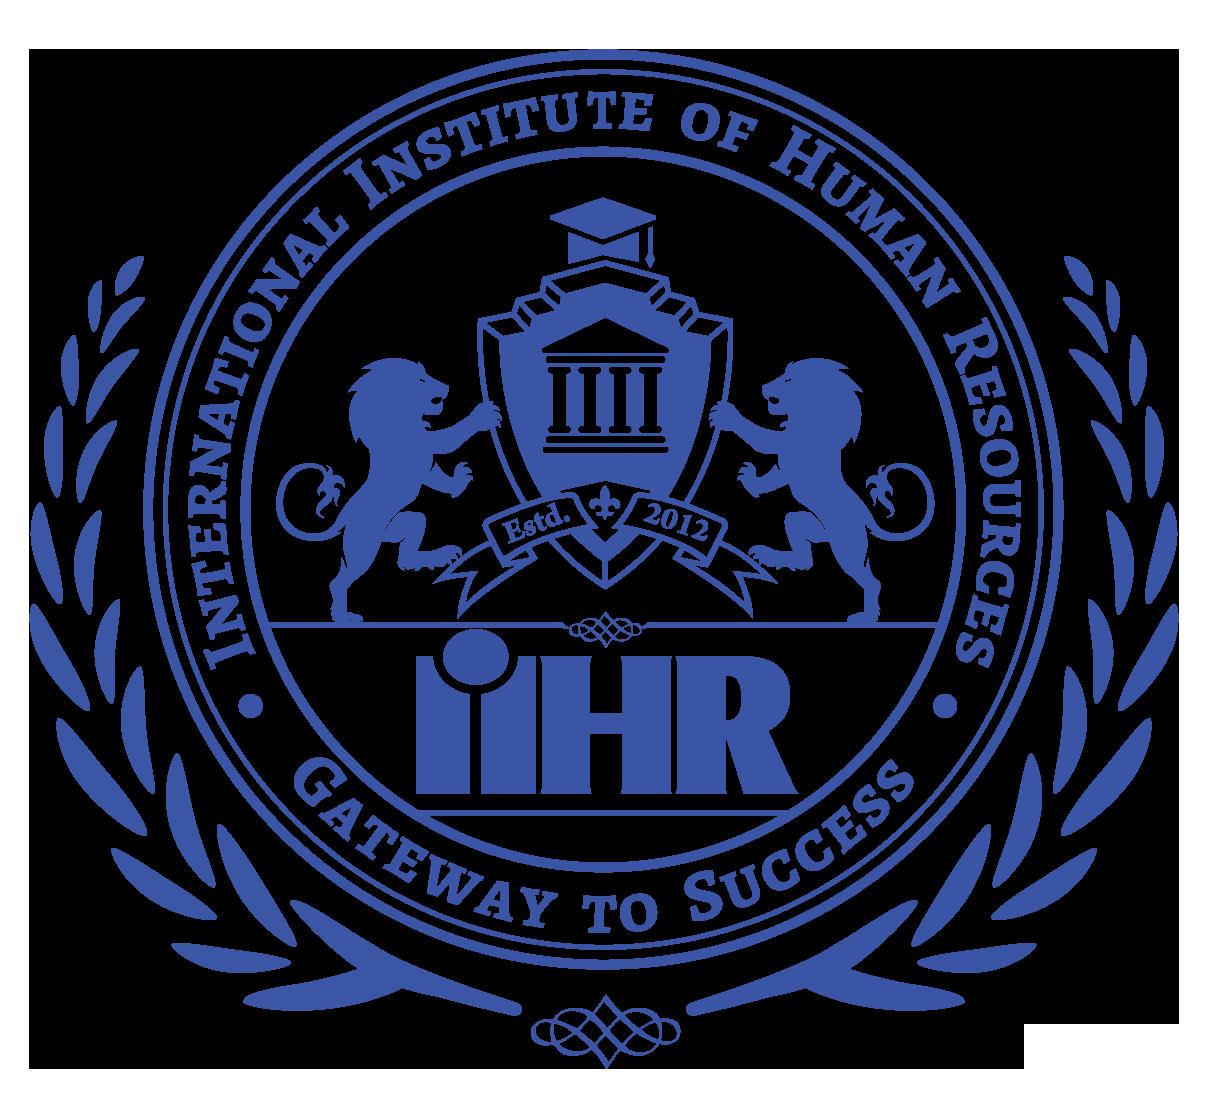 IIHR Bangalore